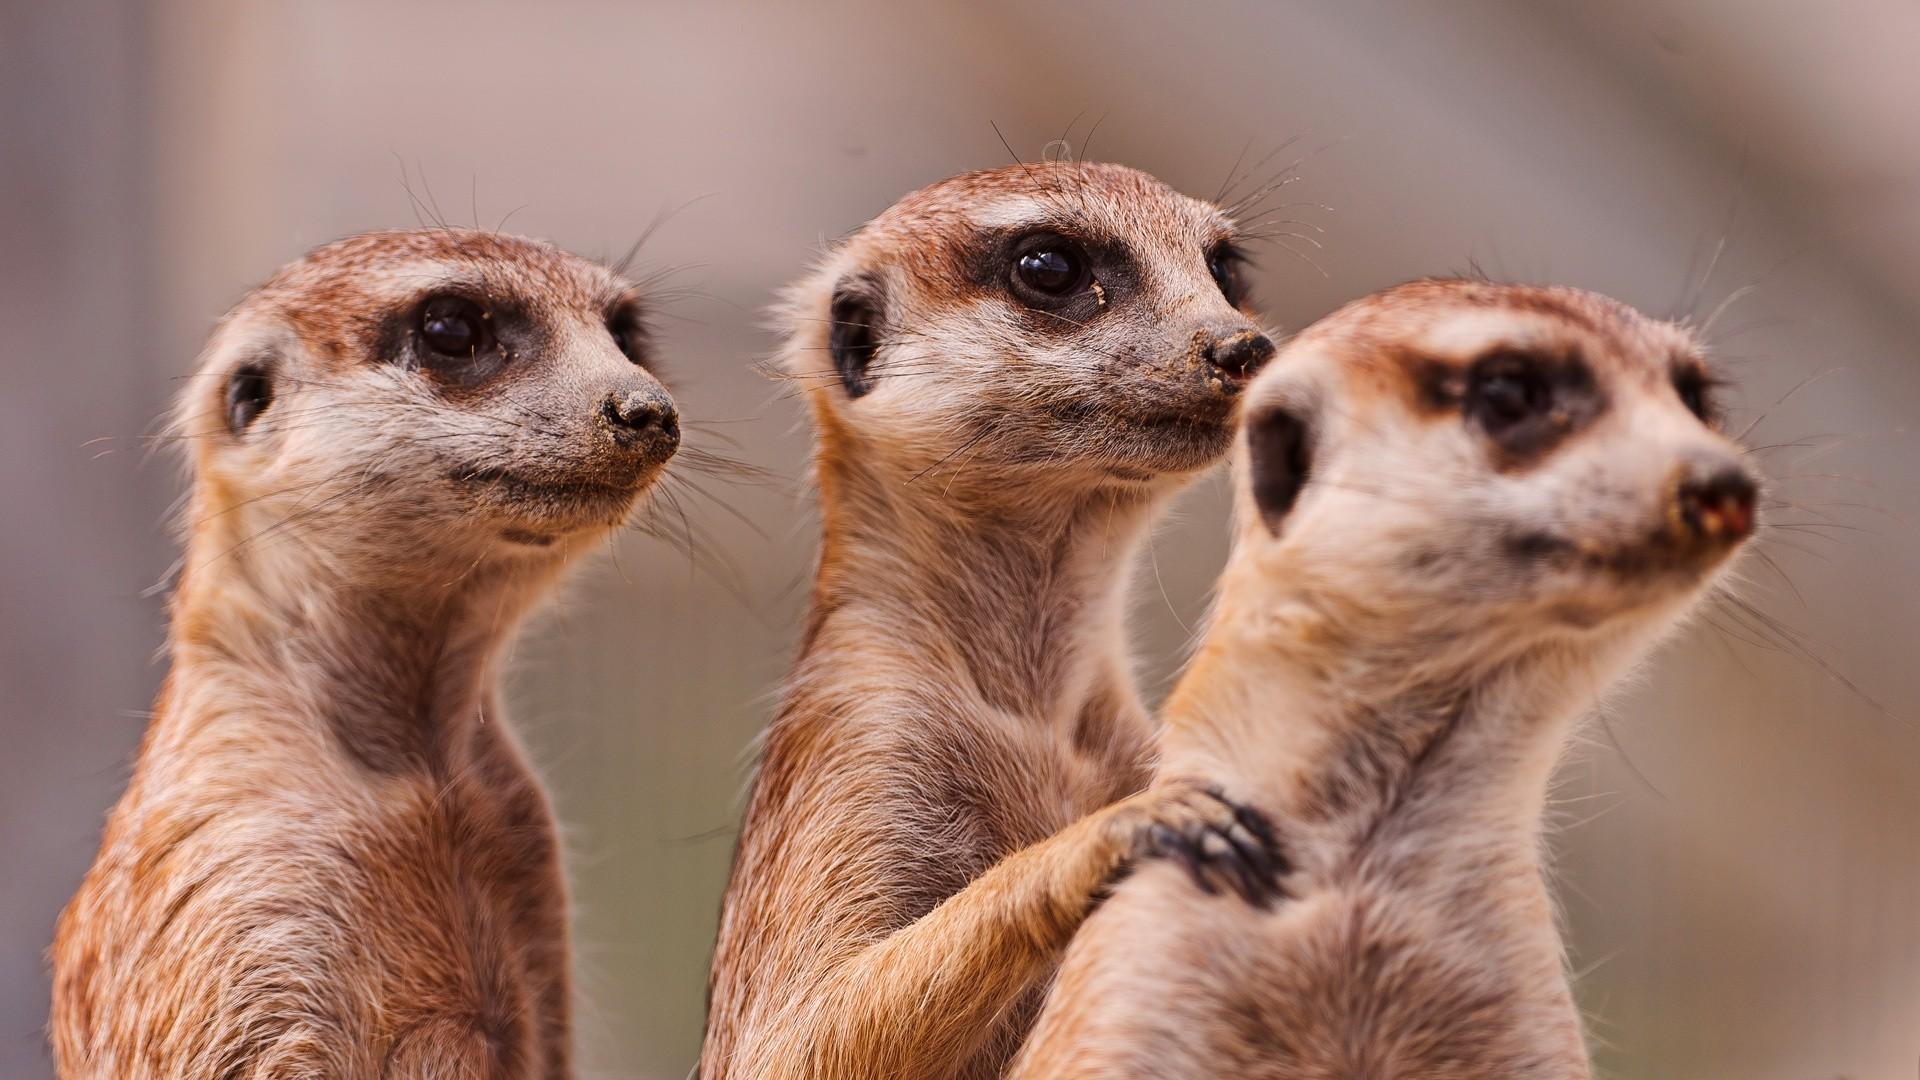 بالصور صور حيوانات مضحكة , صور كوميكسات حيوانات كوميدي 4447 5